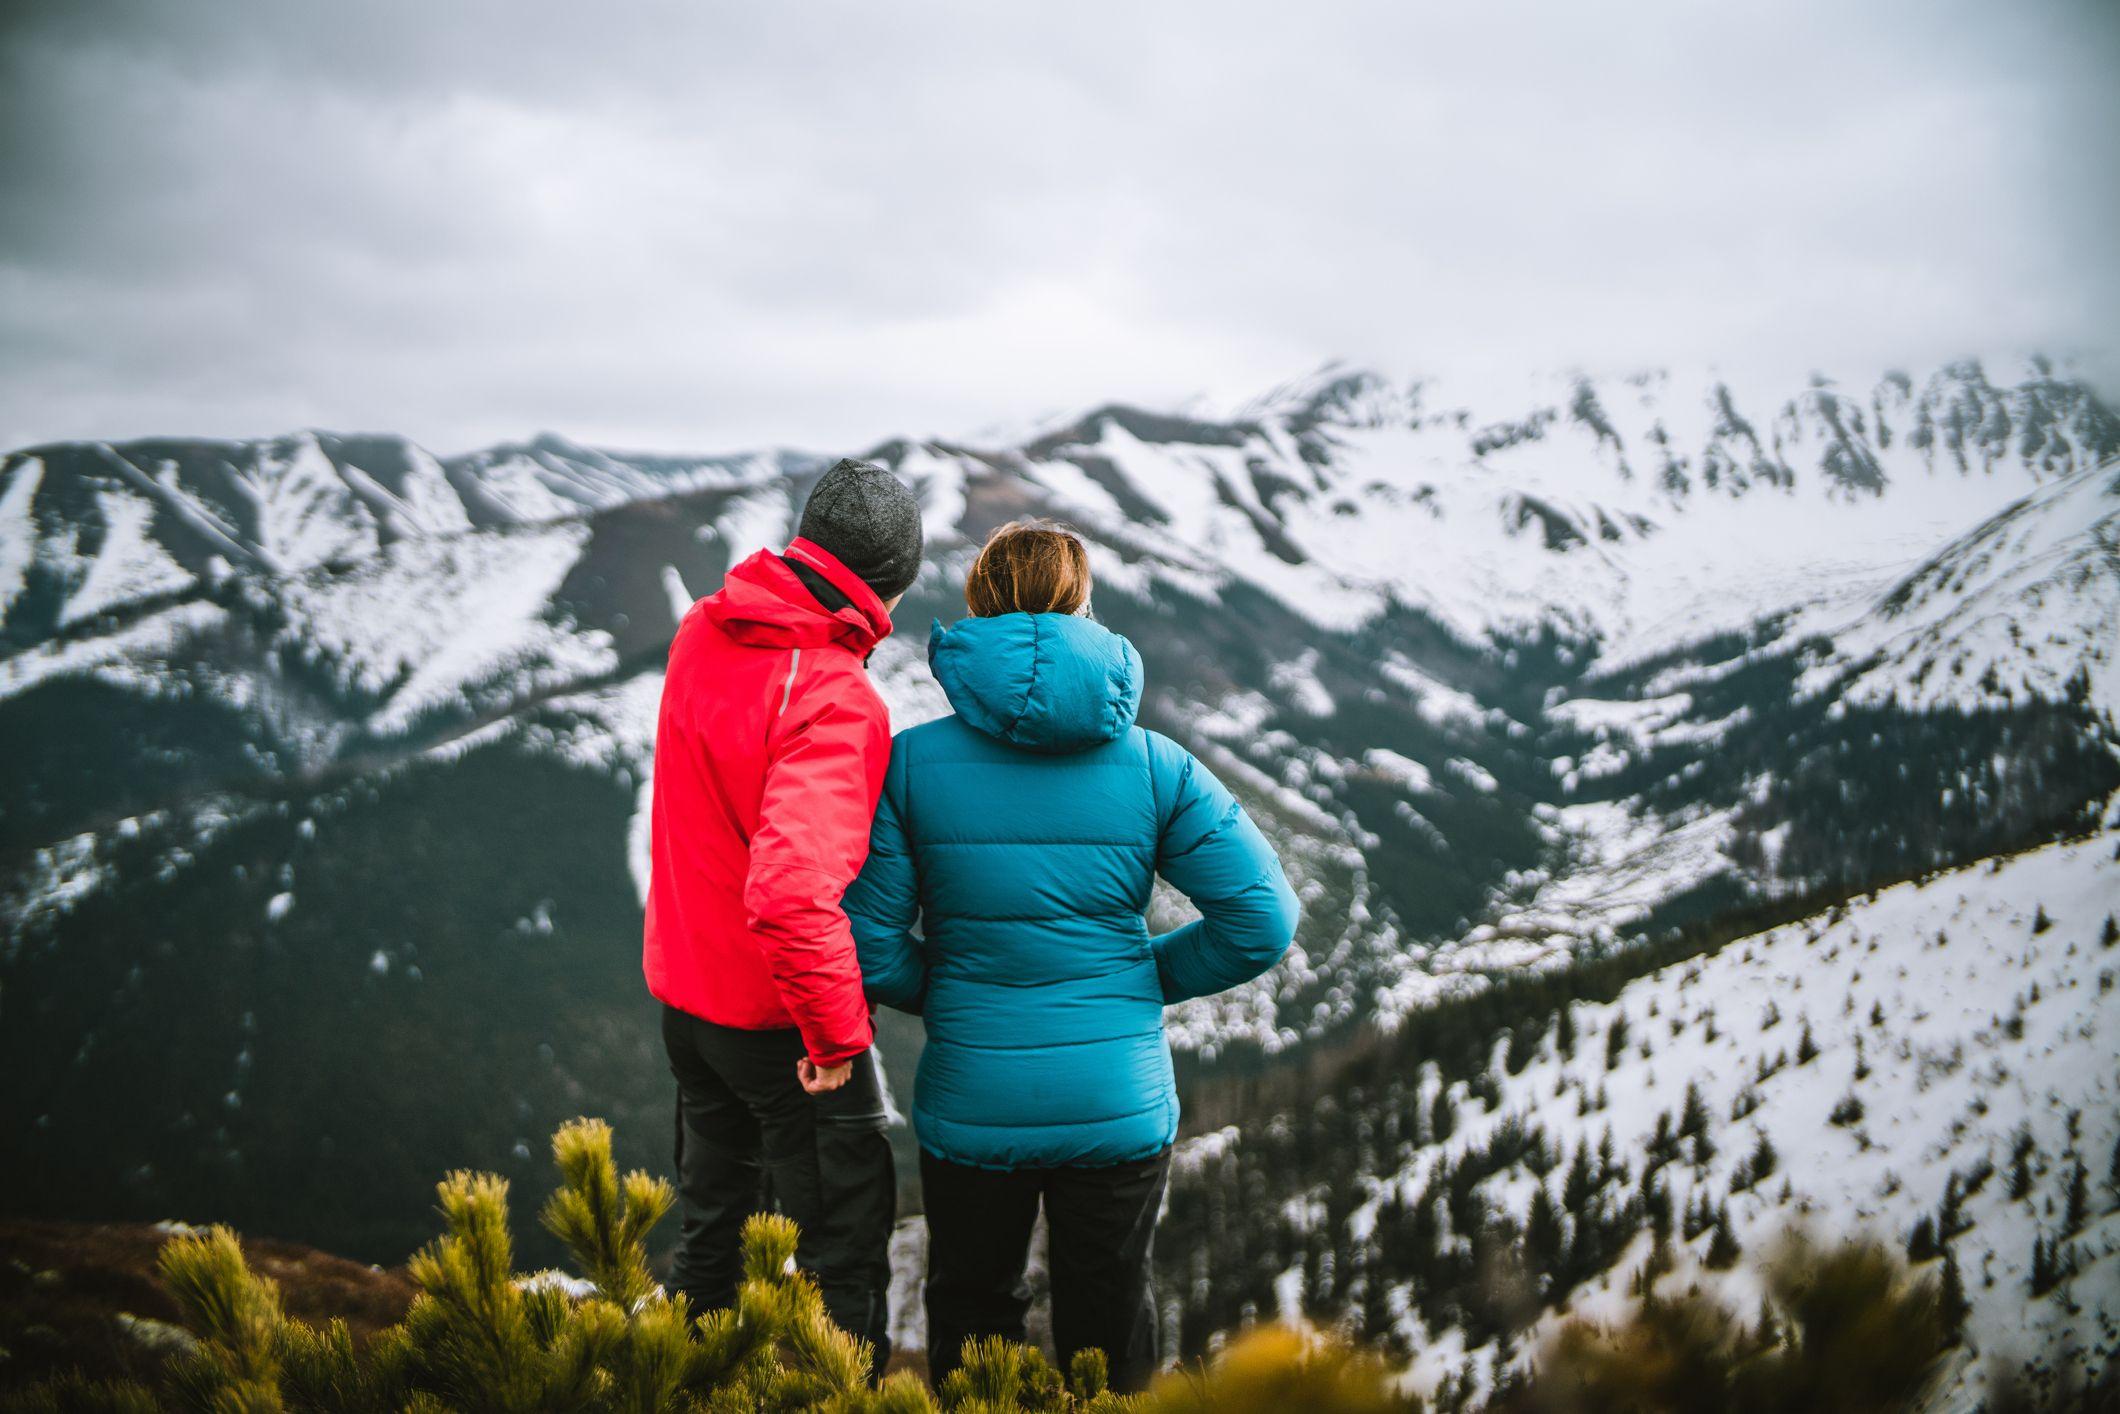 фотографът споделя идеи с жена на планина през зимата